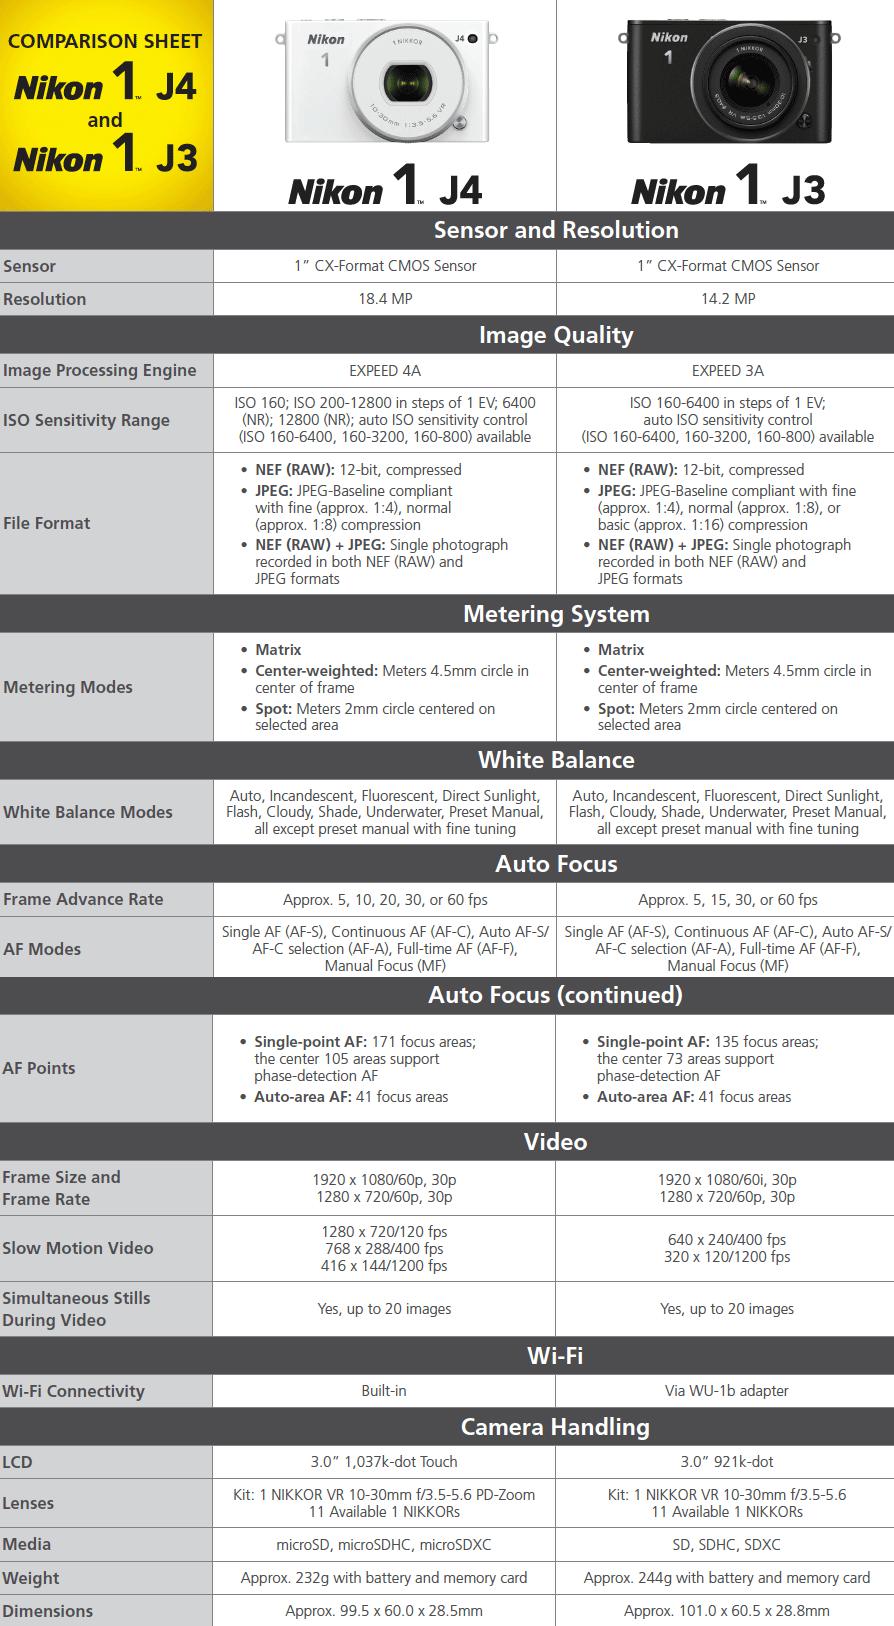 Nikon-1-J4-vs.-J3-cameras-comparison